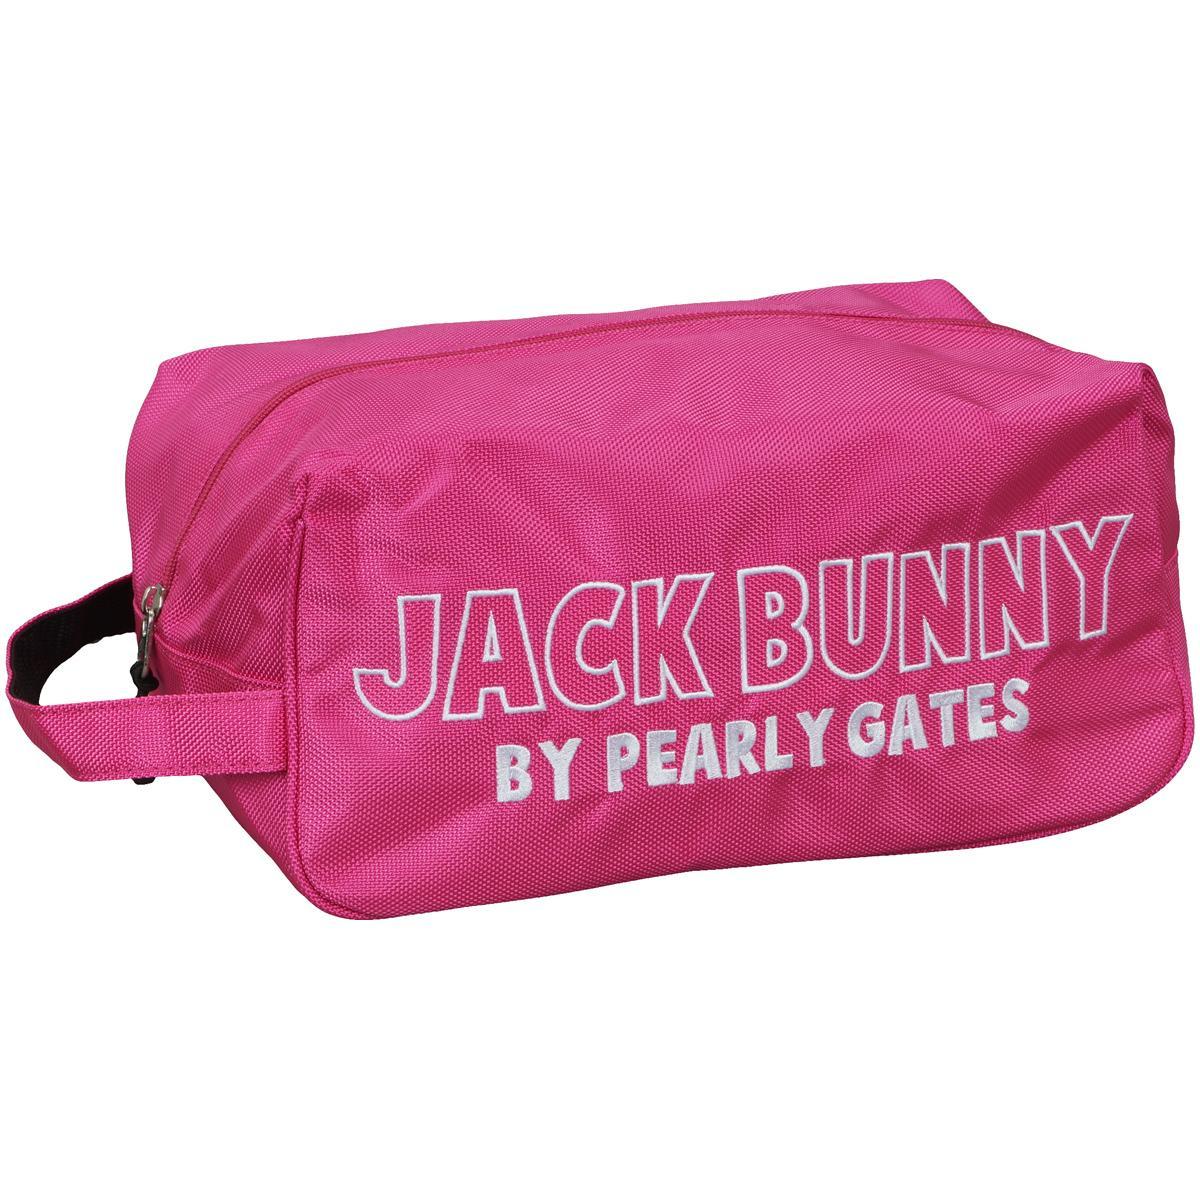 ジャックバニー バイ パーリーゲイツ Jack Bunny!! by PEARLY GATES シューズケース 262-7984105[ゴルフ用品 GOLF GDO シューズバッグ ゴルフシューズバッグ メンズ 男性用 靴入れ シューズ入れ スポーツ シューズバック スポーツ用品]